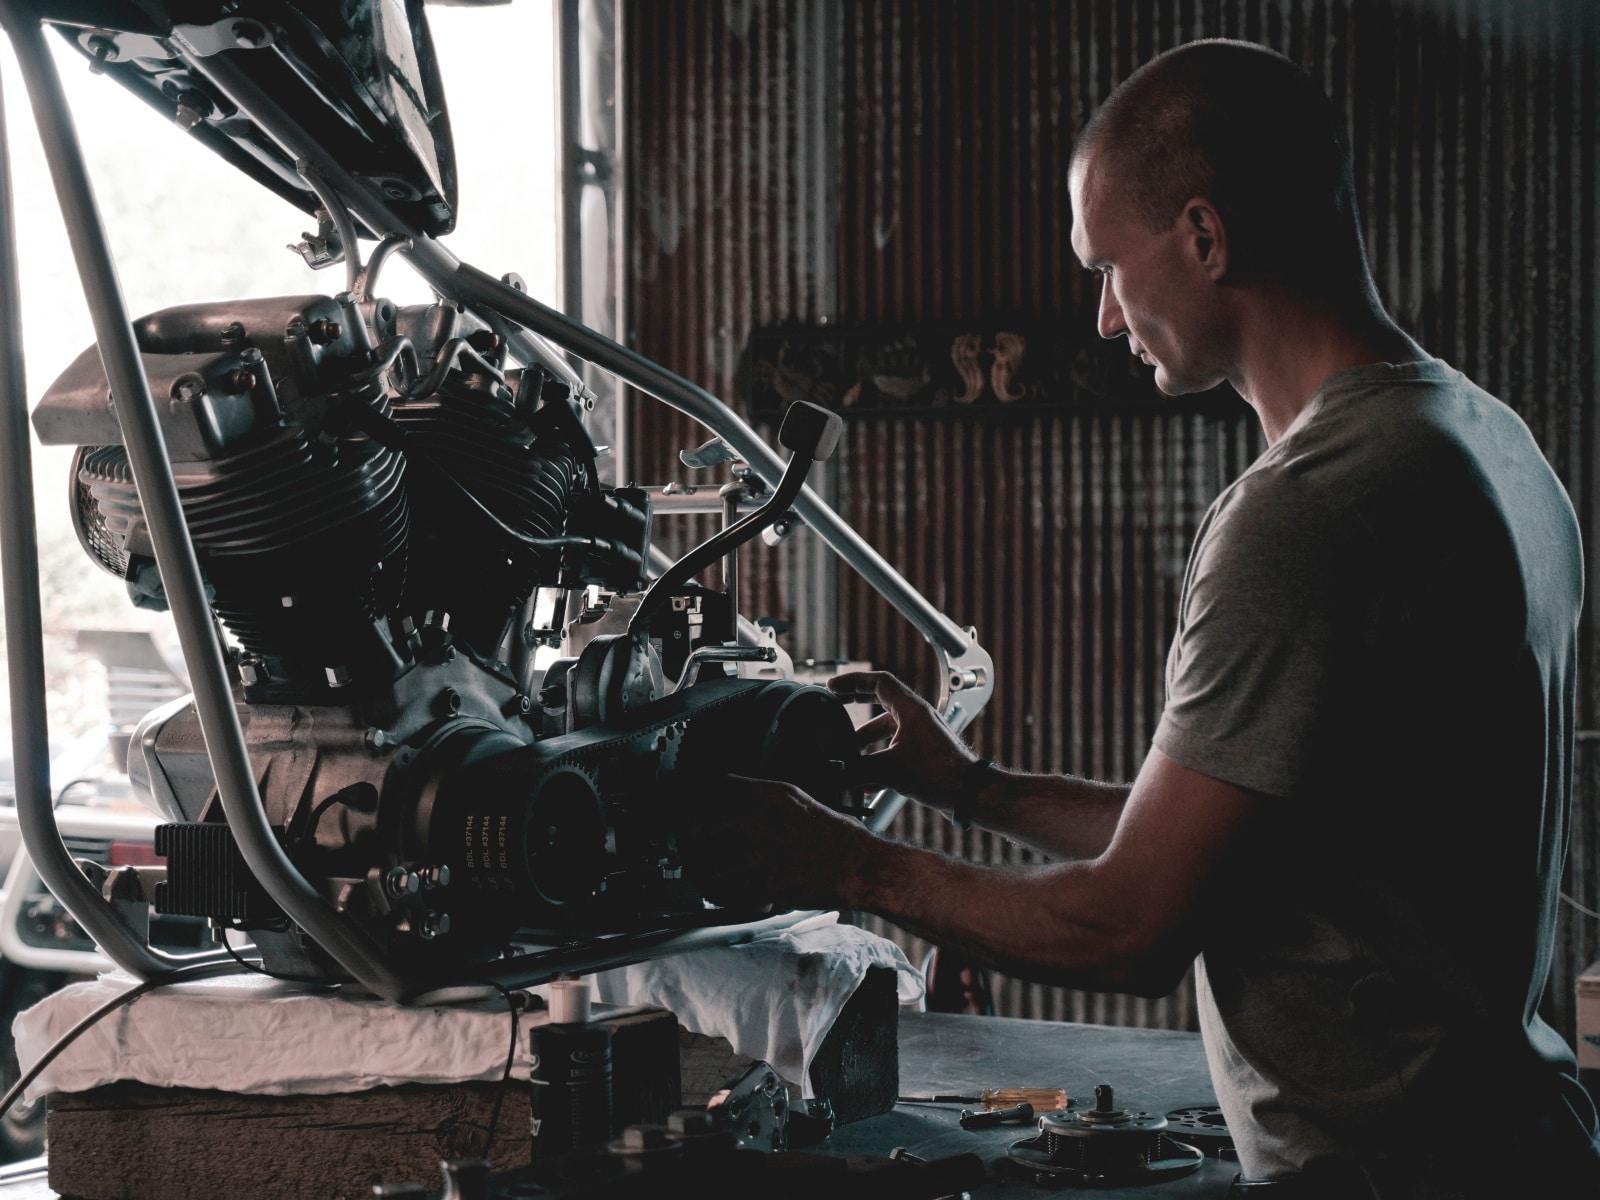 car engine repair service in UAE